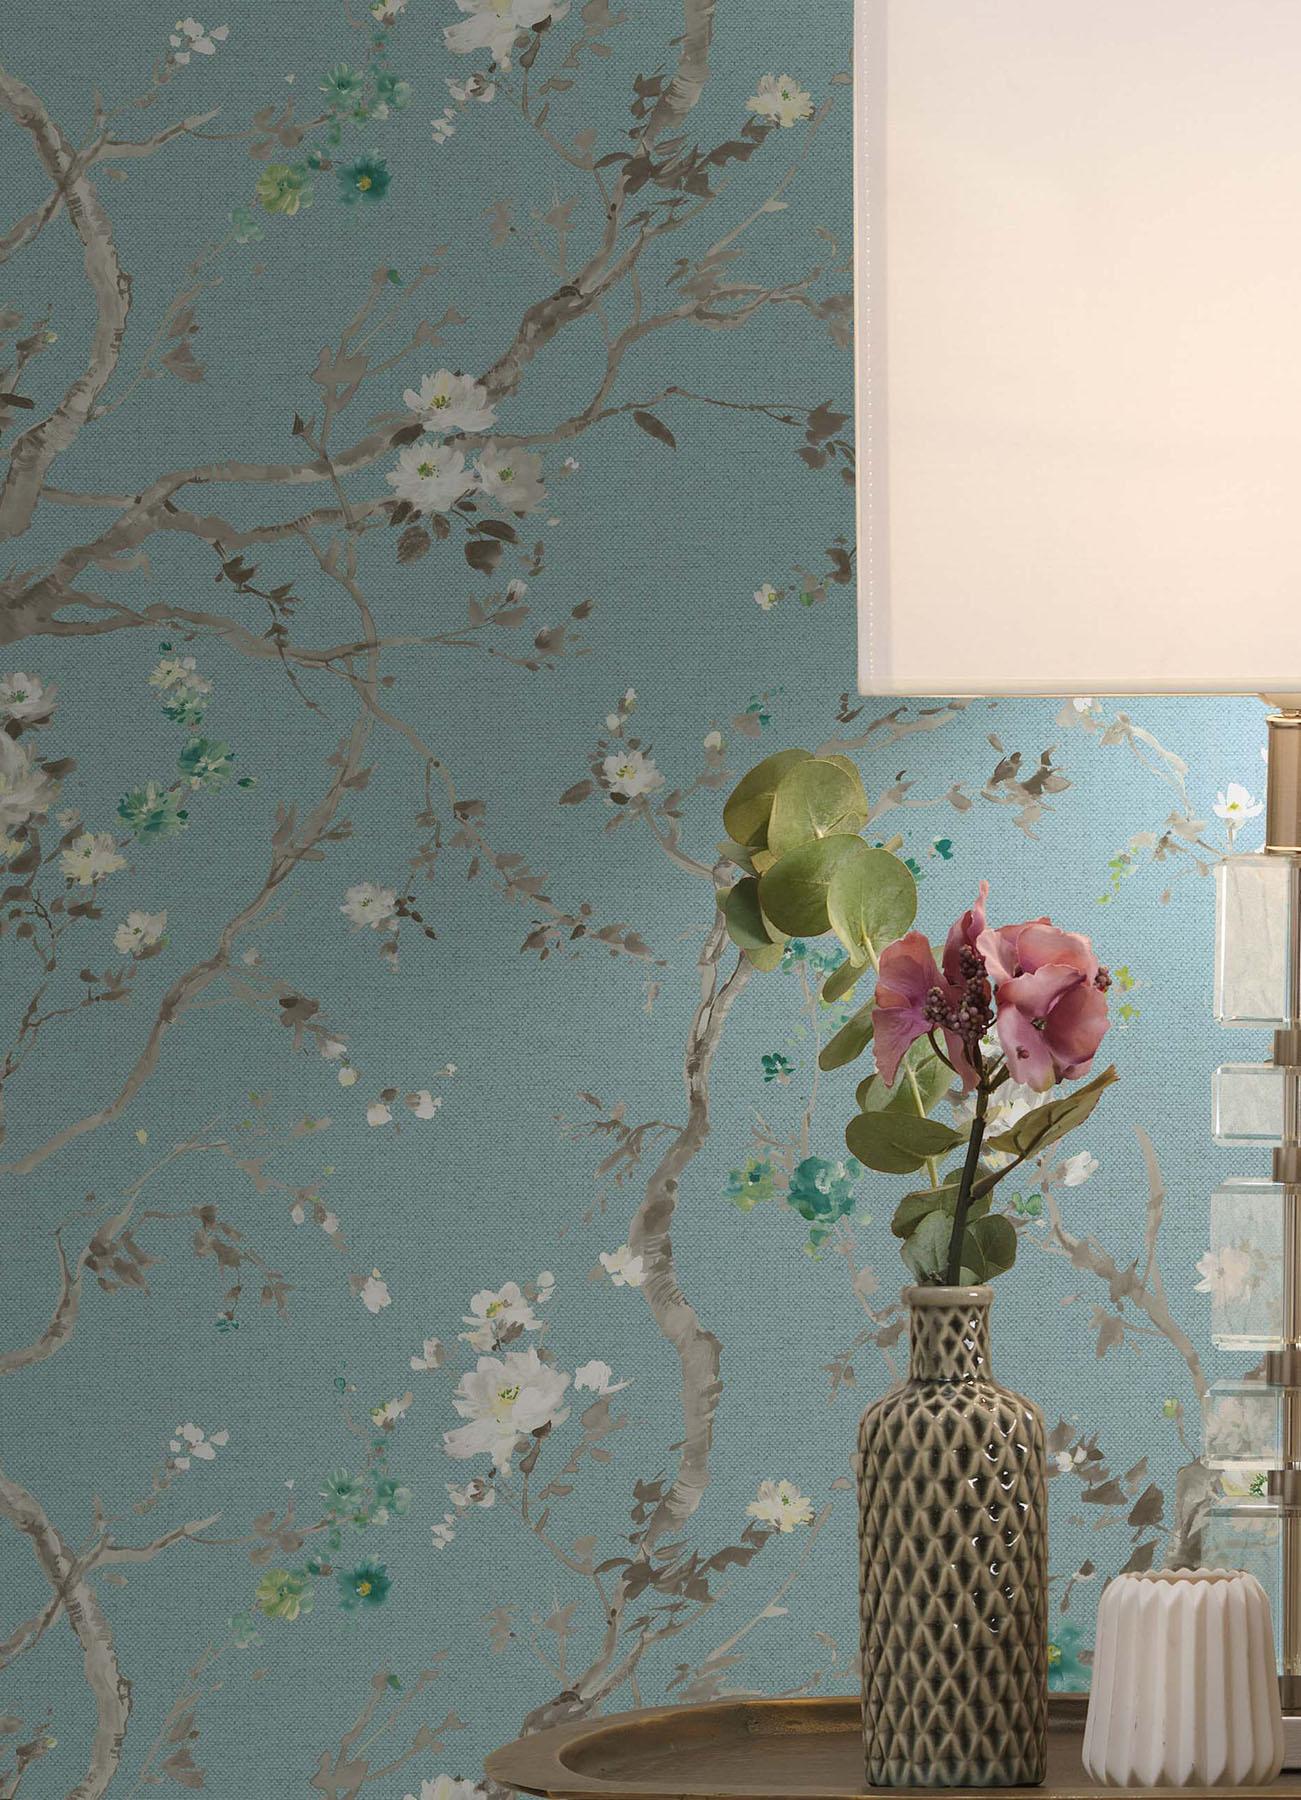 Papier peint Malabar turquoise pastel | Papier peint des années 70